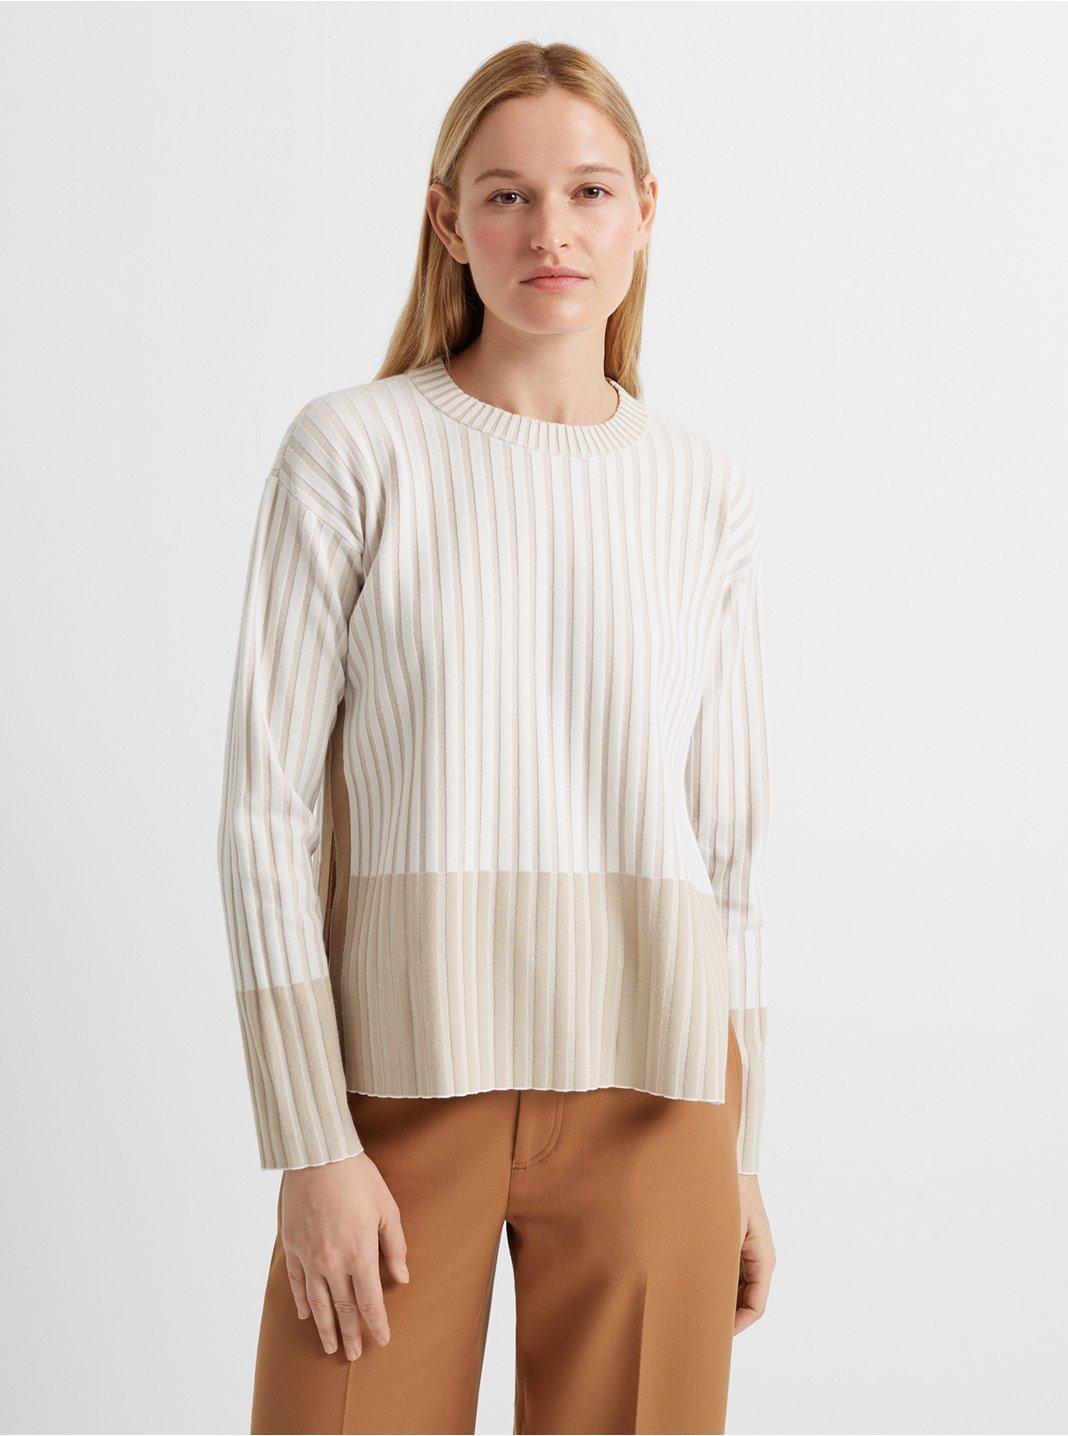 Renie Sweater